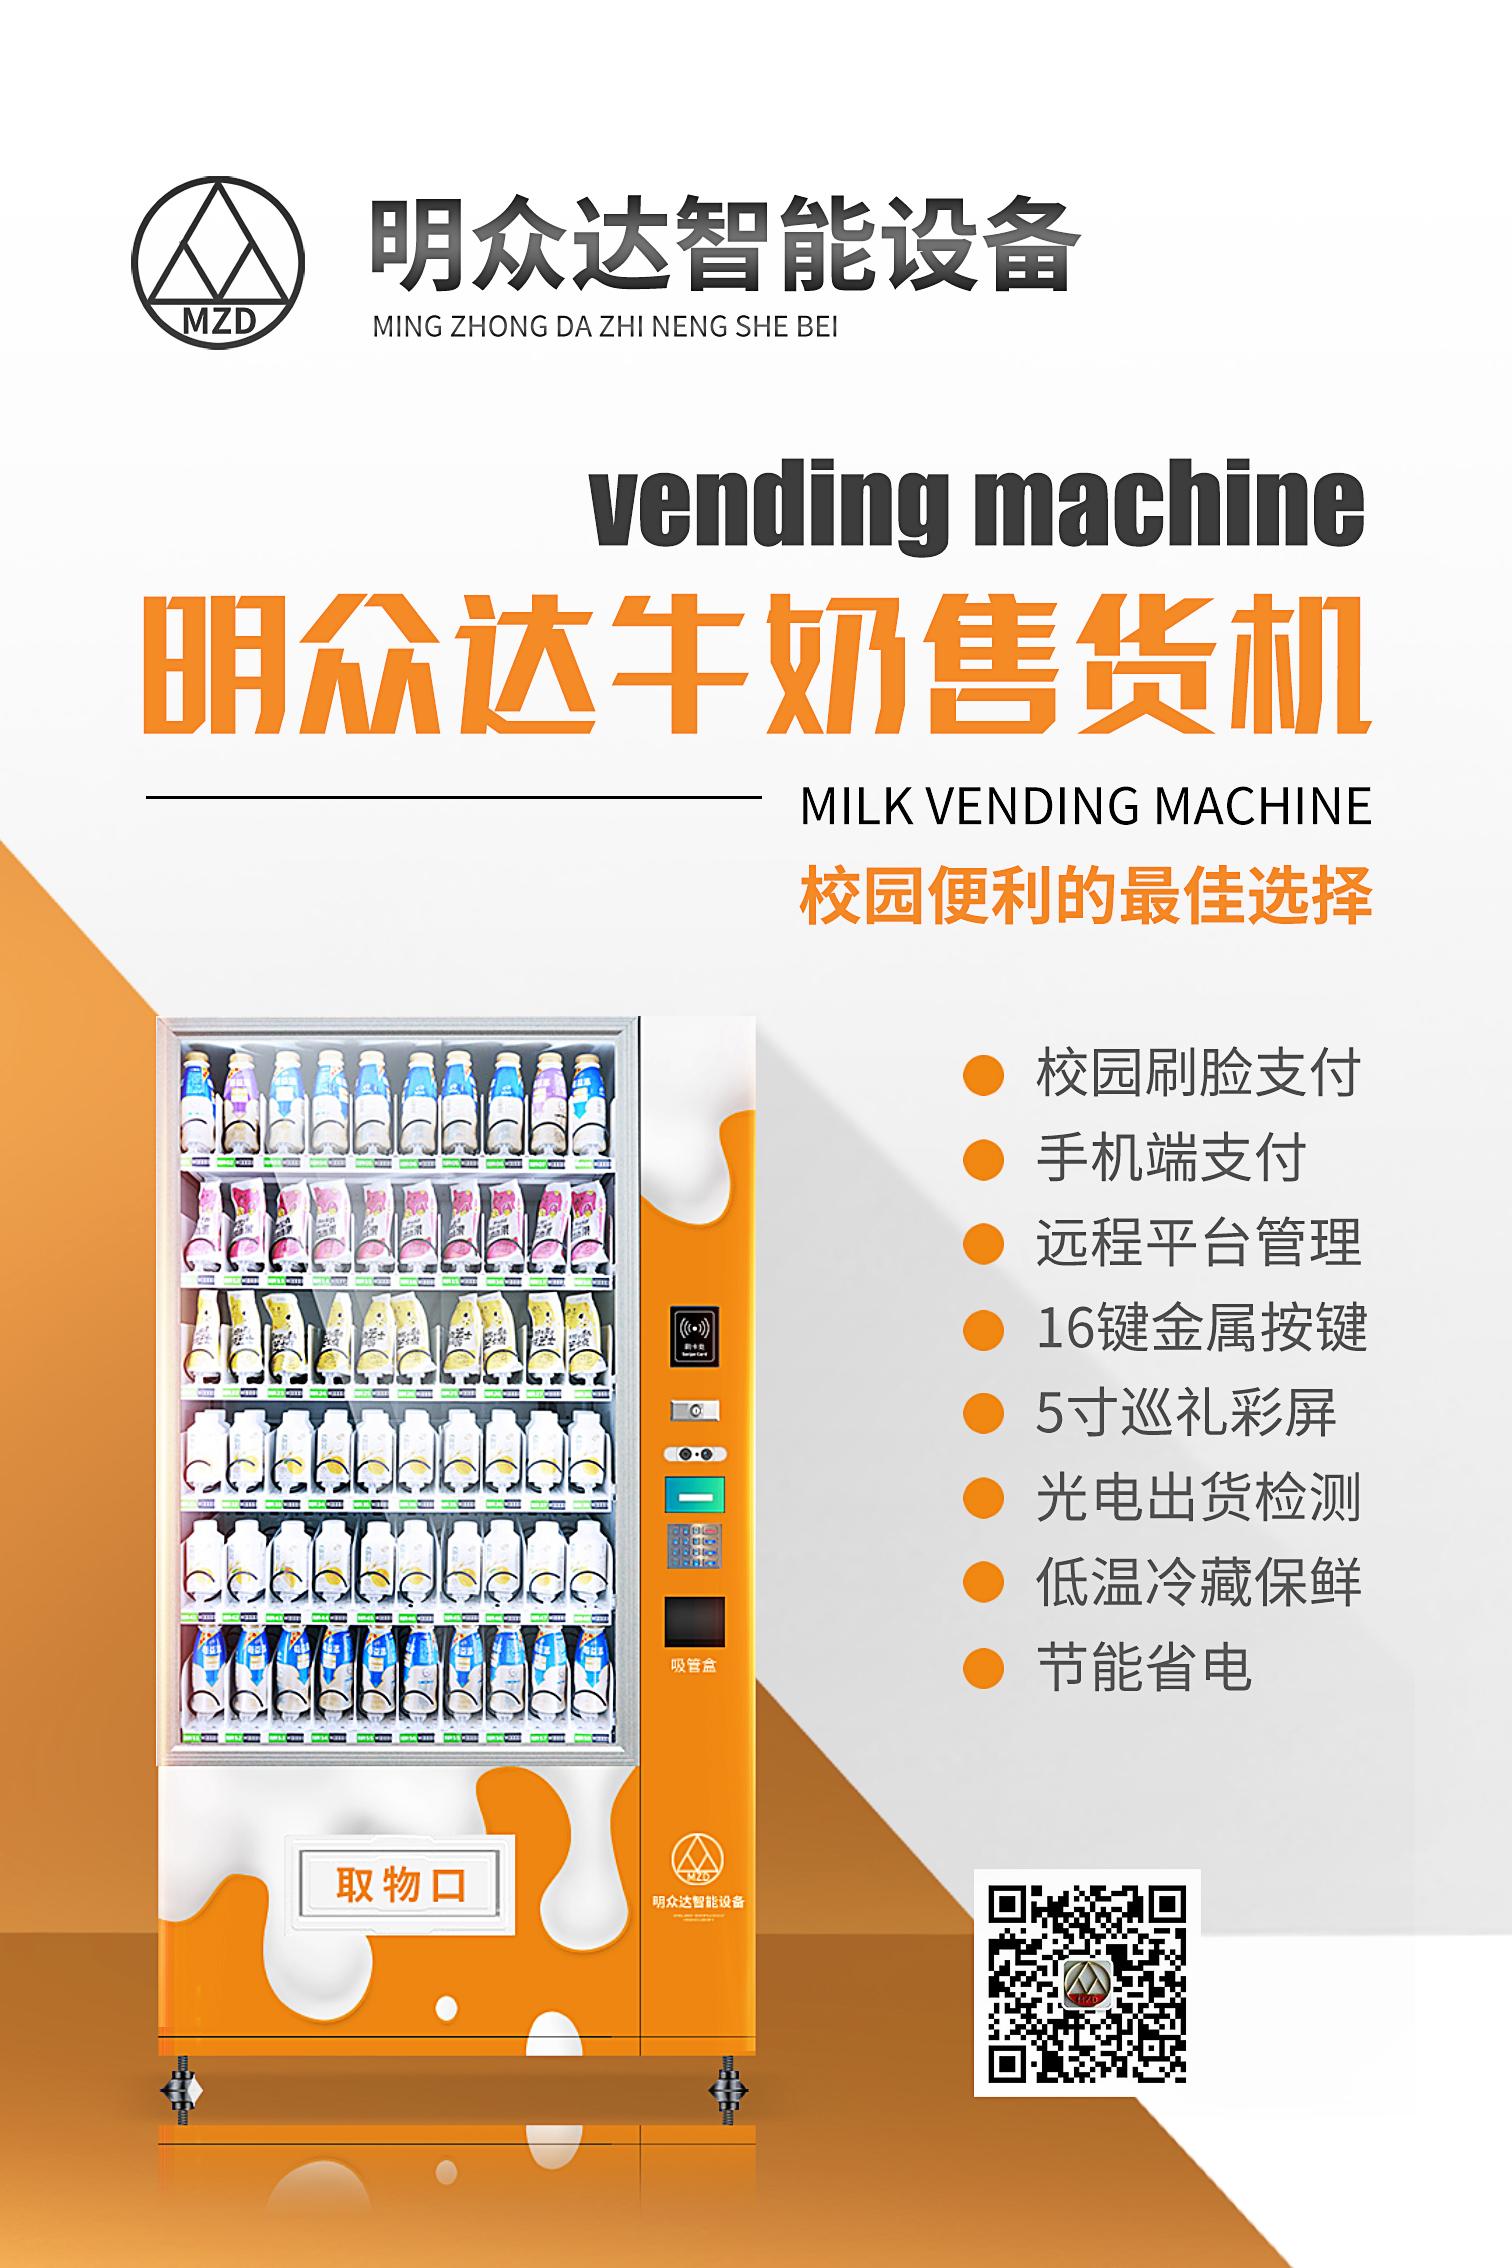 上海收米直播篮球直播间app是一种新型的购物方式